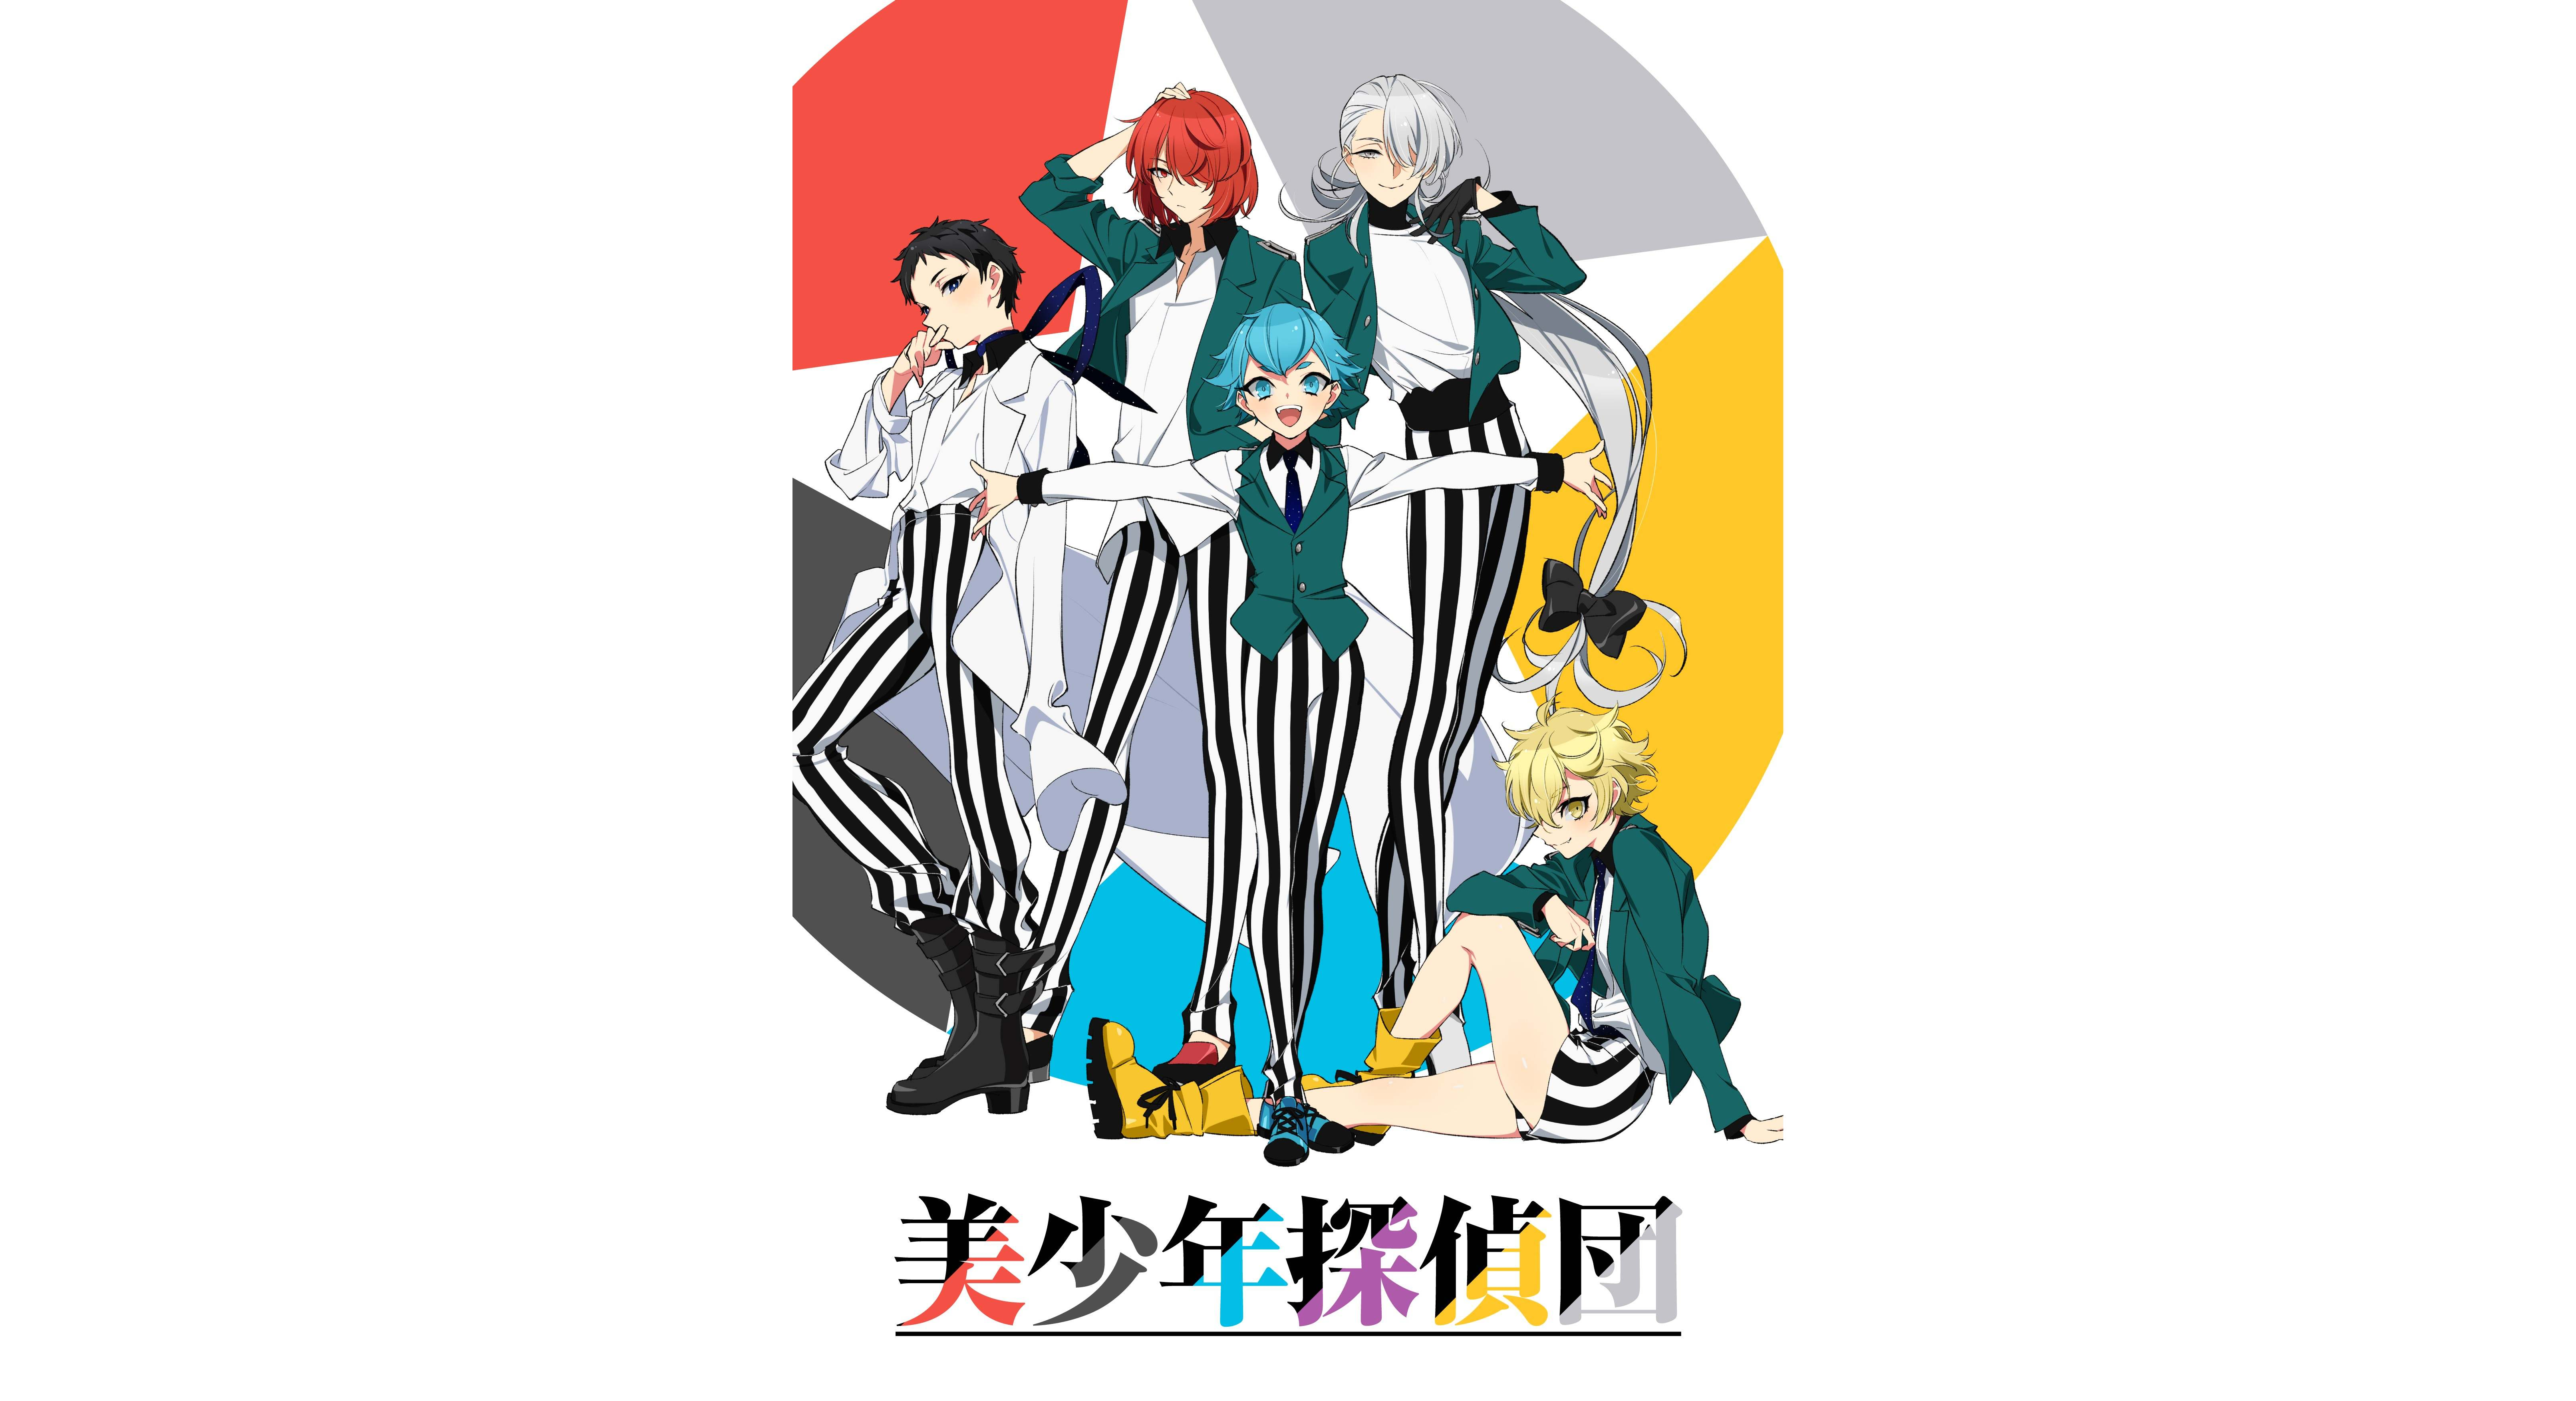 サンシャインシティプリンスホテル×アニメ「美少年探偵団」2